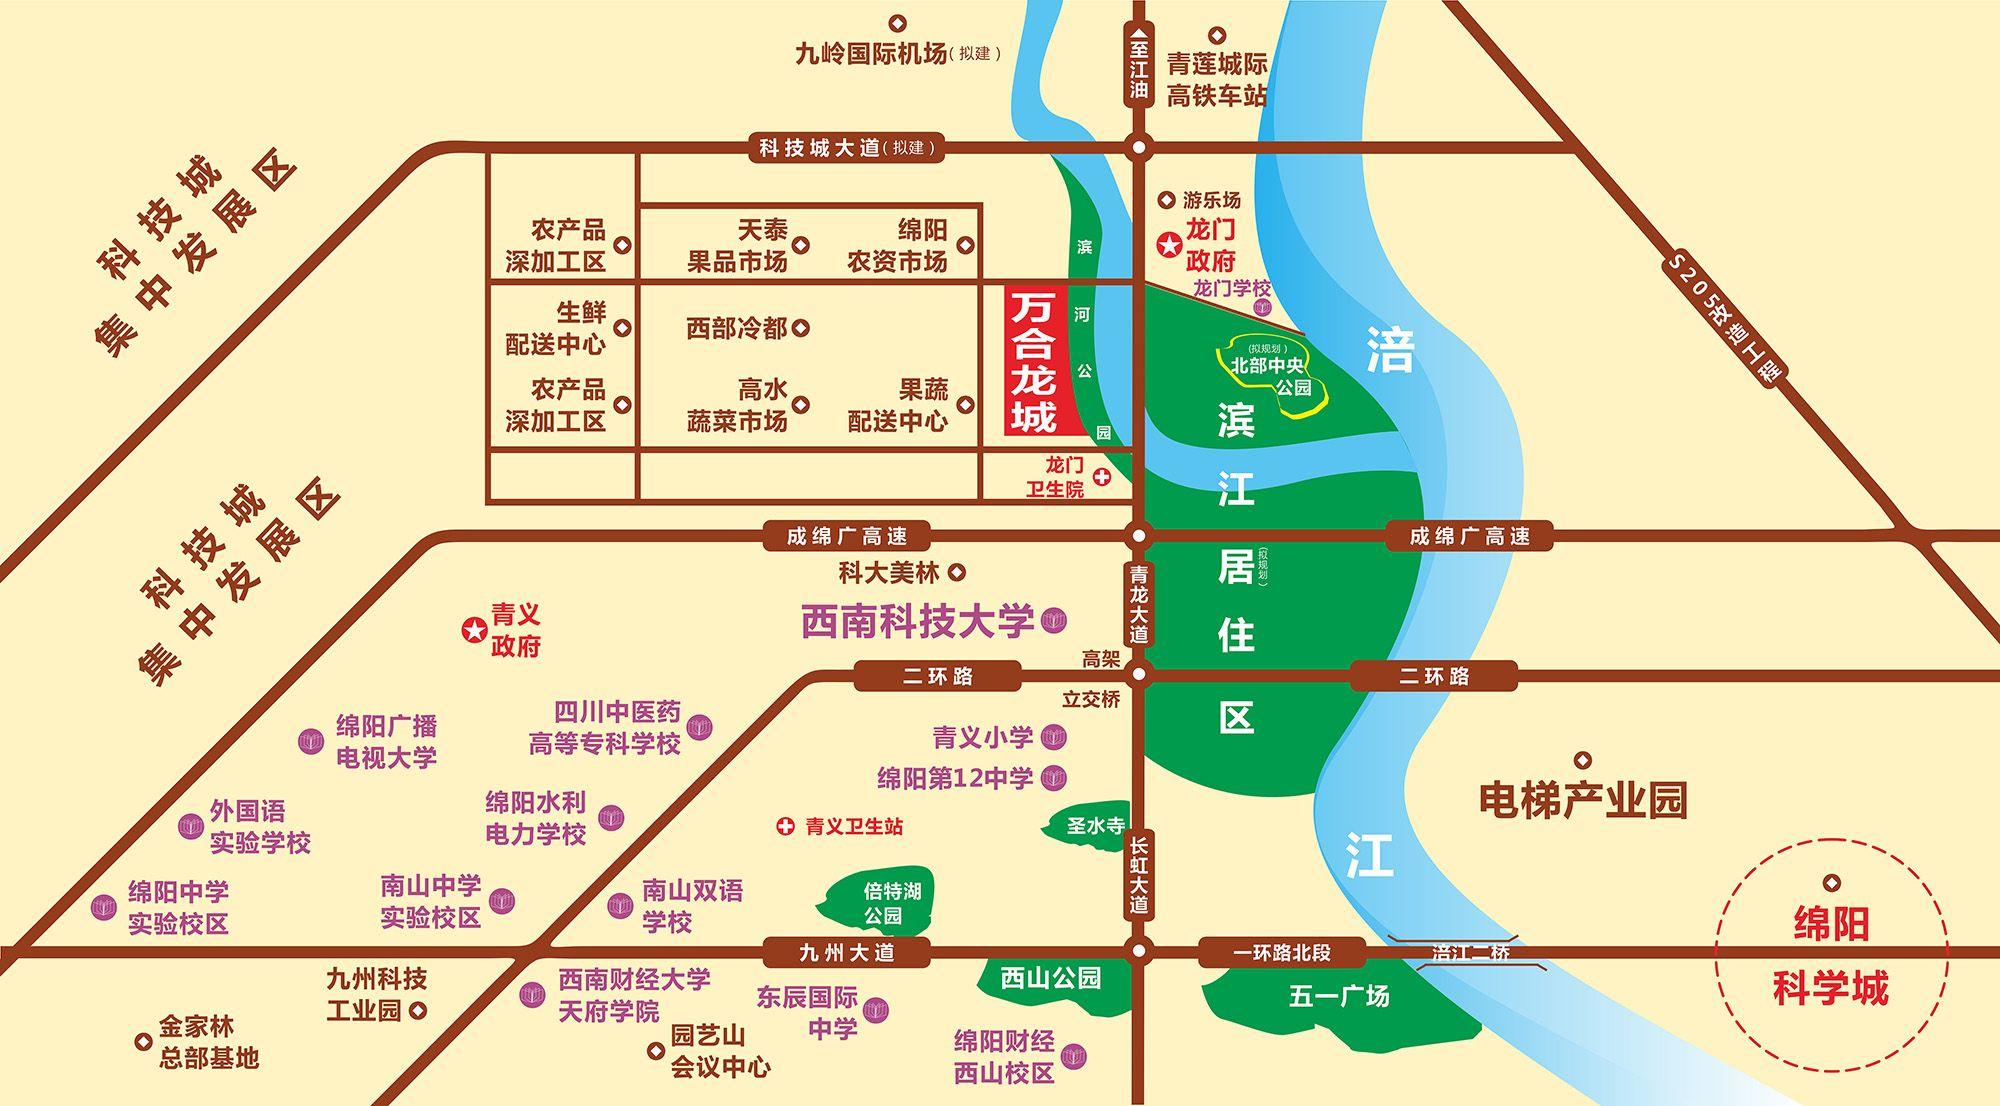 万合龍城二期位置图